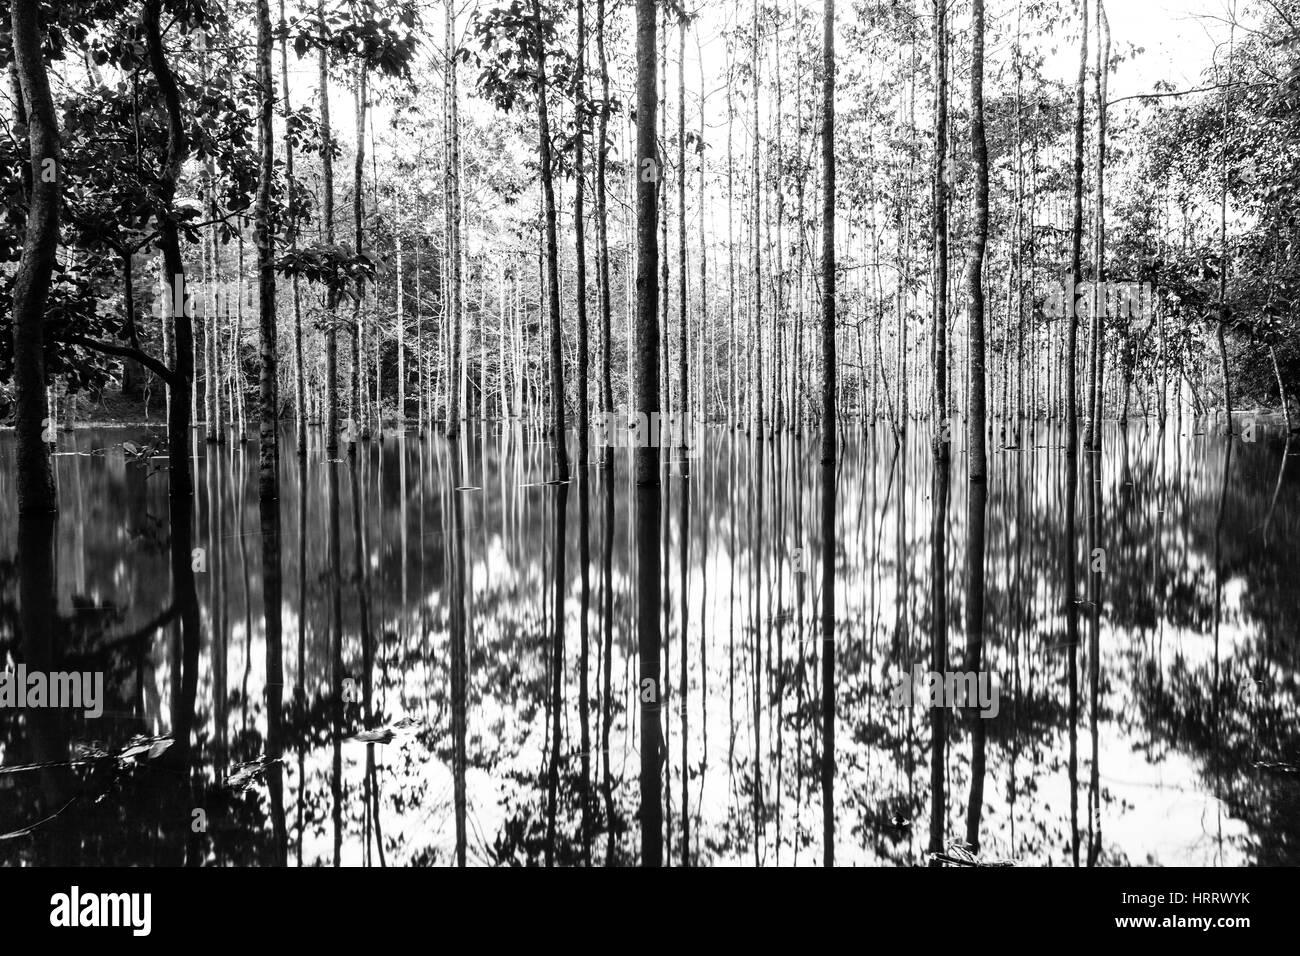 Geheimnisvolle Baumstämme spiegelt sich auf dem Wasser in tropischen Dschungel von Angkor Wat, Kambodscha. Stockbild